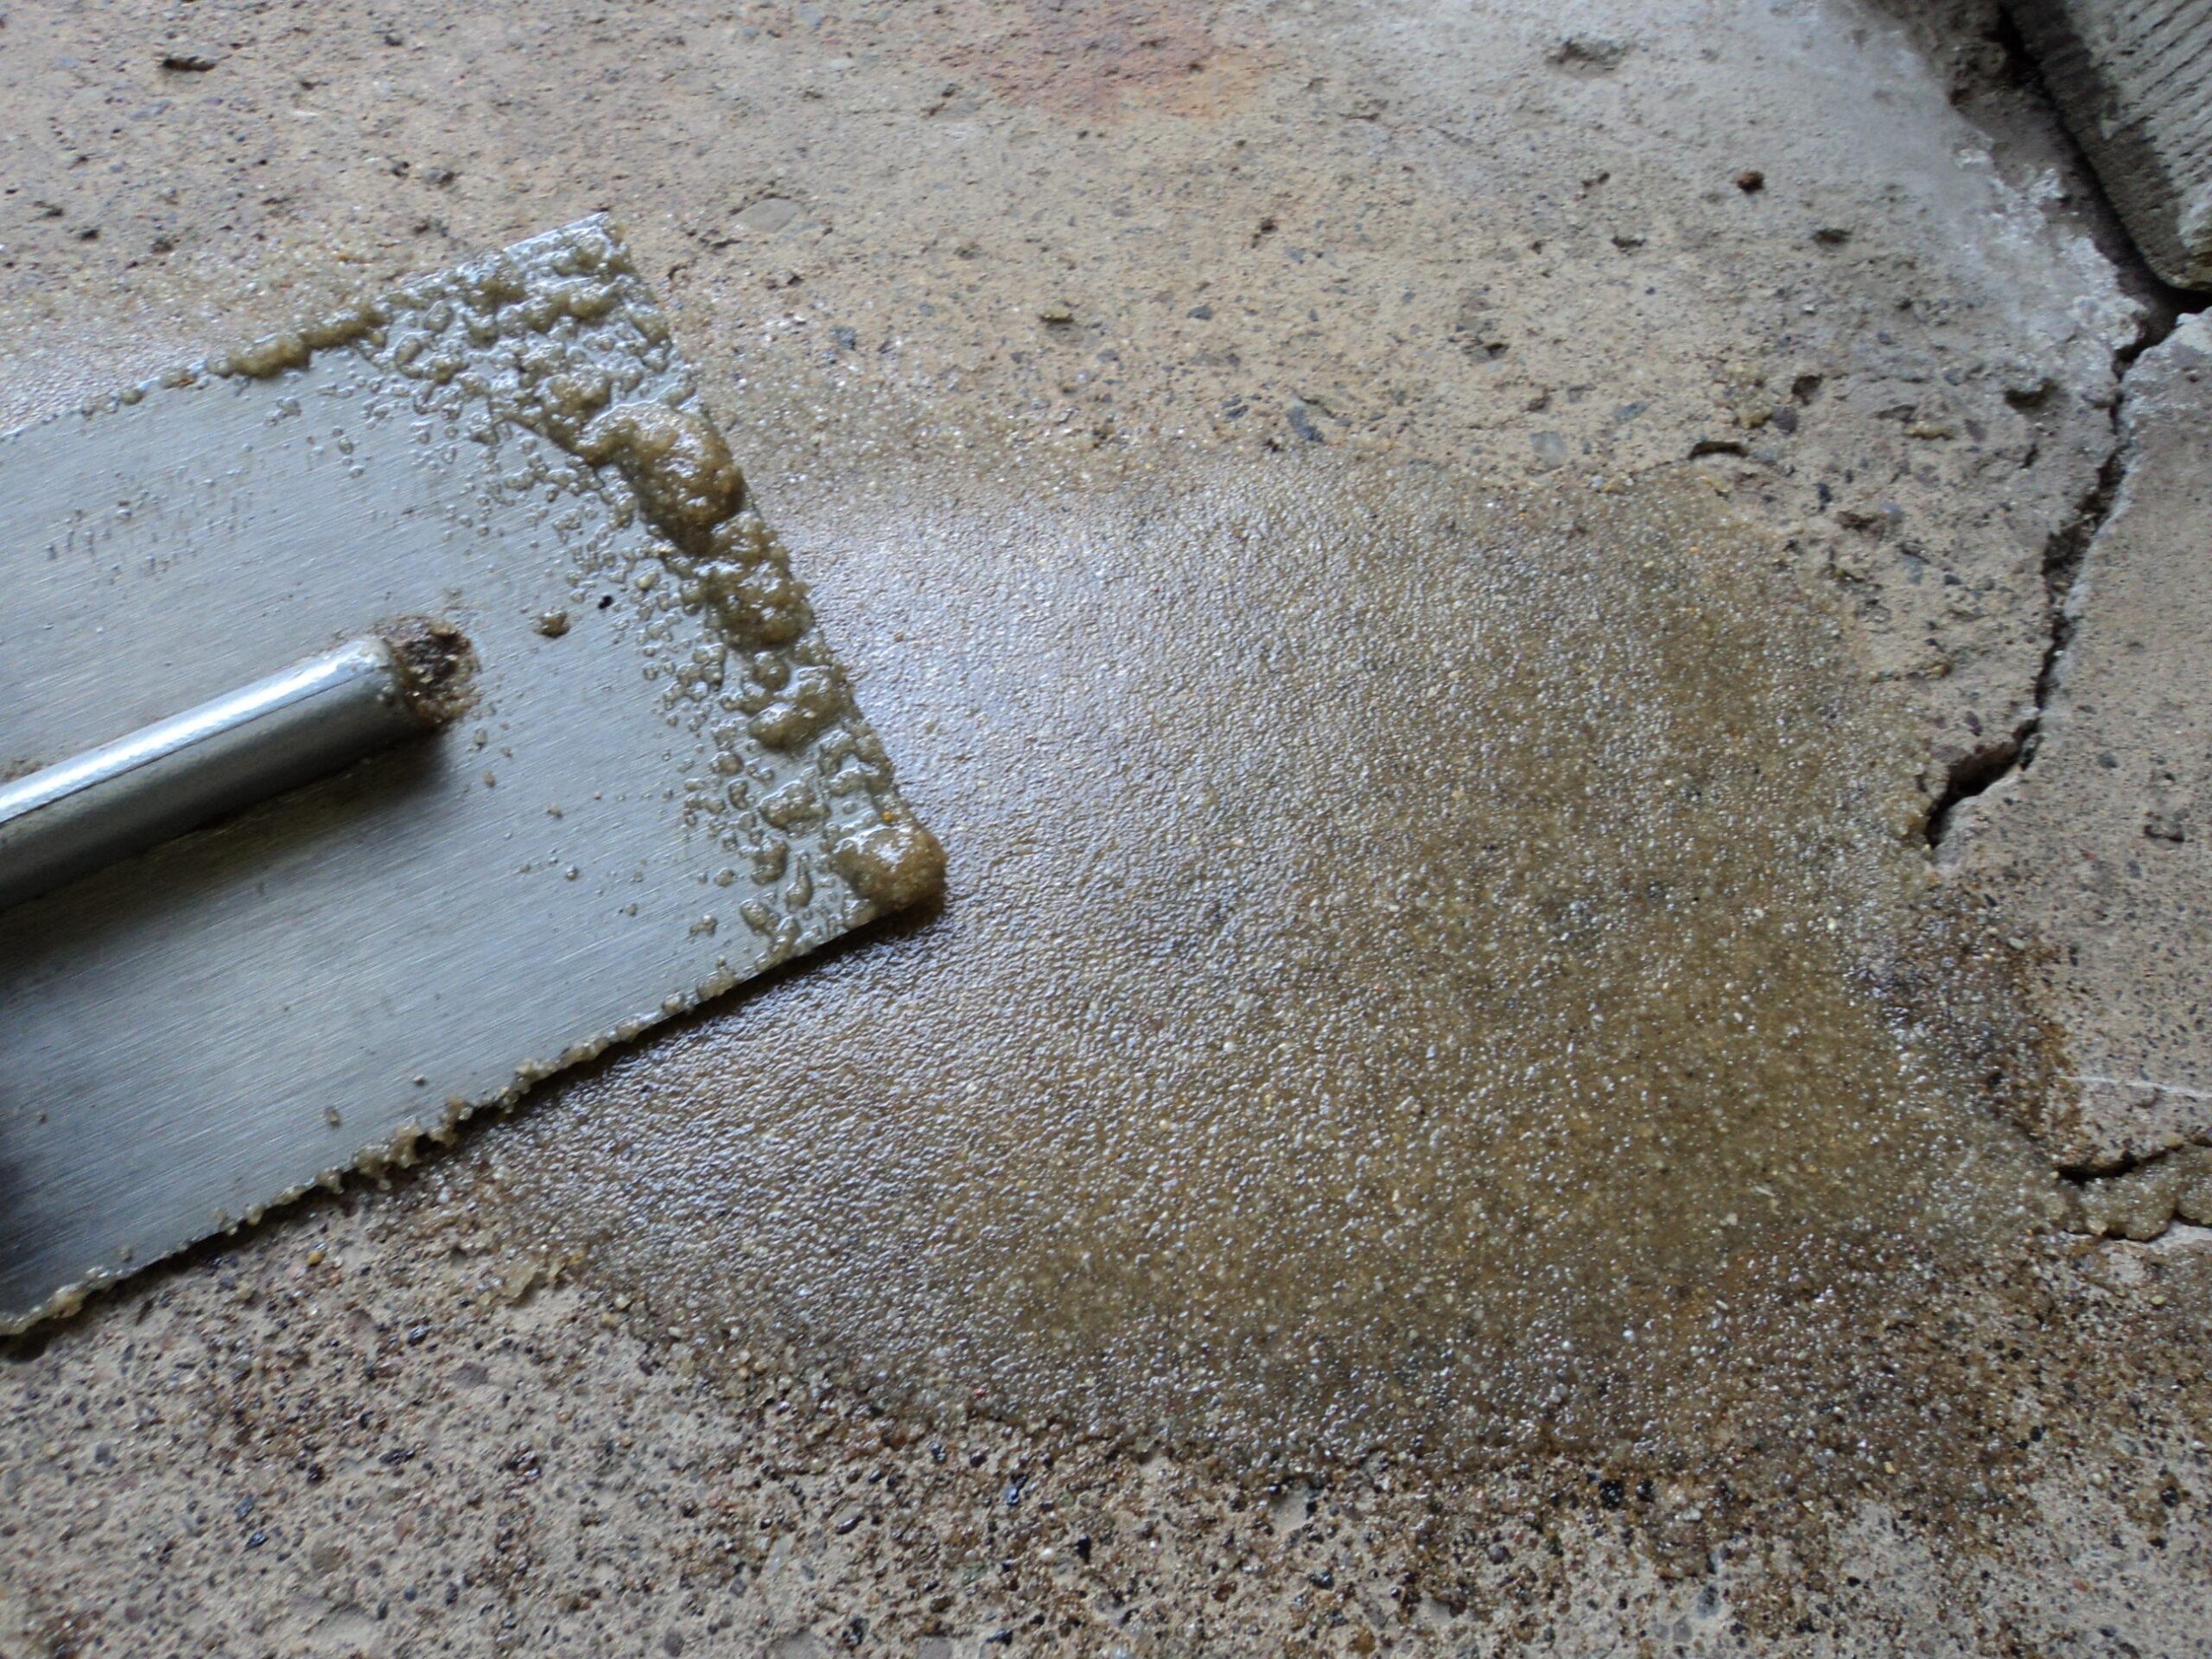 ترمیم بتن با استفاده از ترمیم کننده